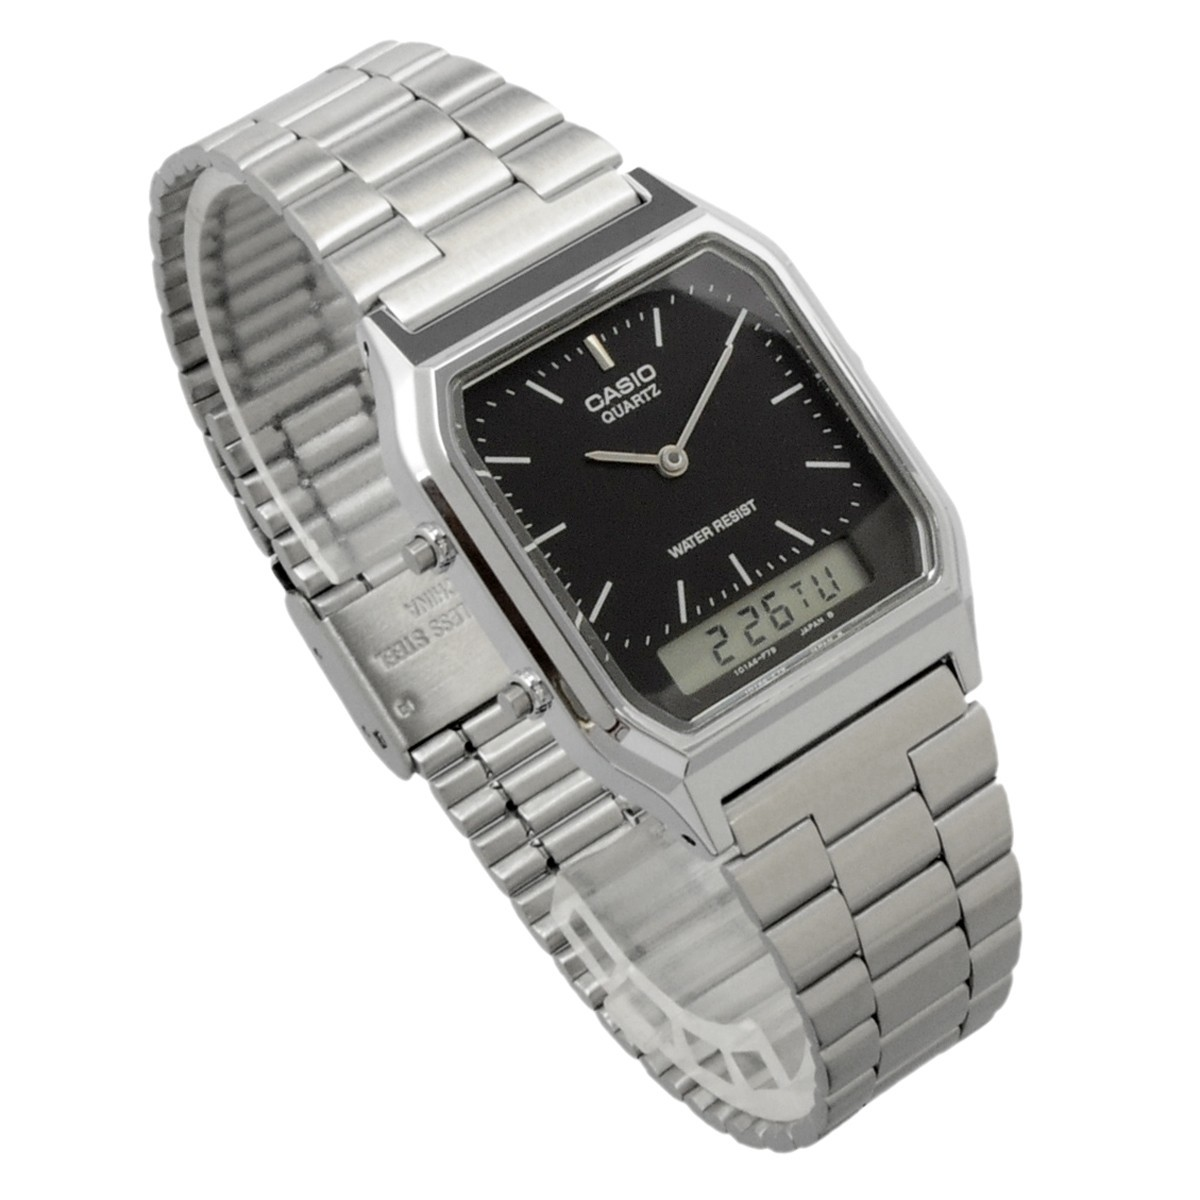 送料無料 腕時計 CASIO カシオ 海外モデル AQ-230A-1 チープカシオ デュアルタイム アナログ デジタル ユニセックス_画像4